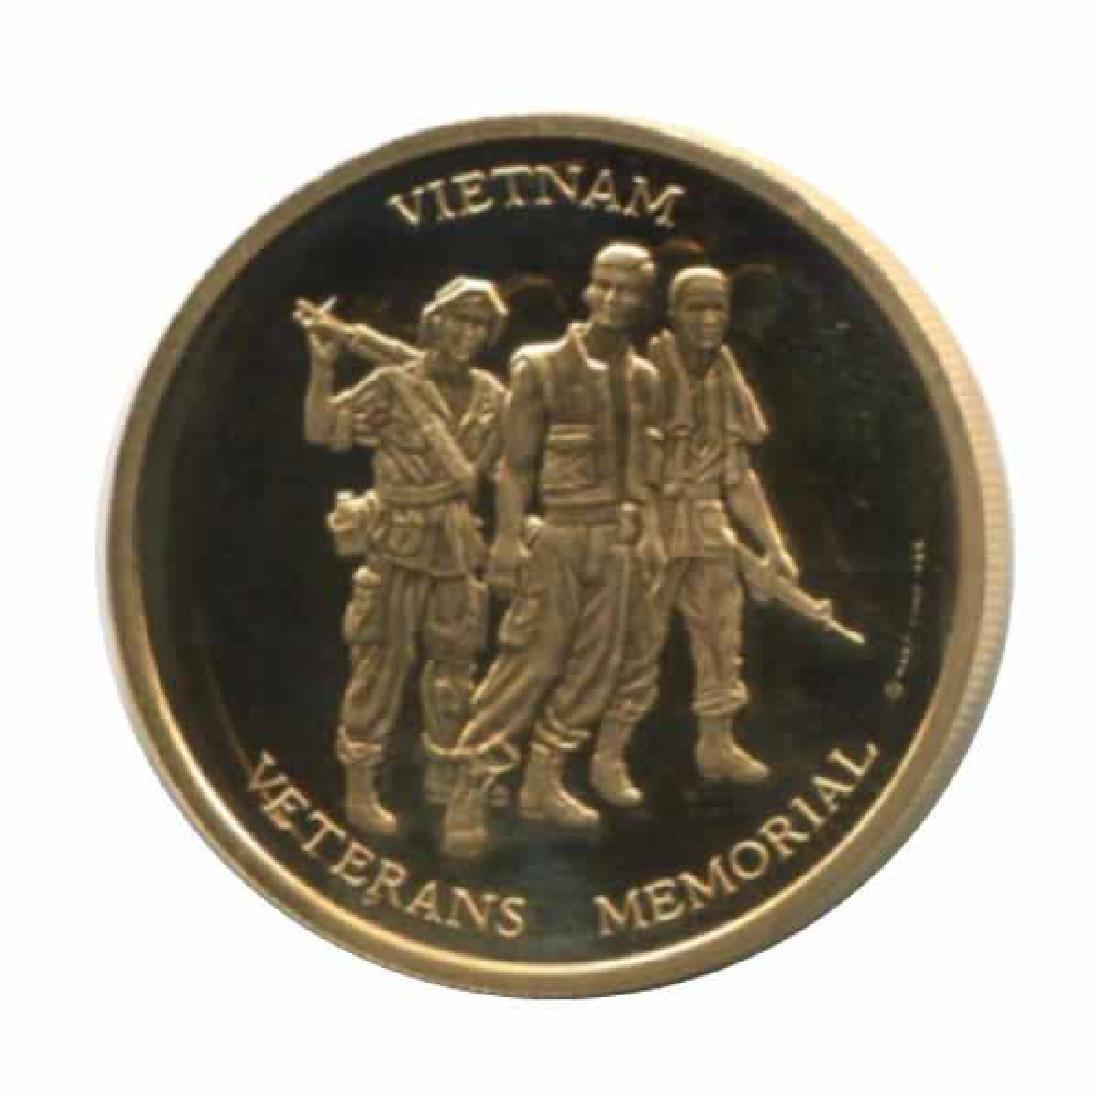 Vietnam Veterans Memorial 1/2 oz. gold PF Medal 1984